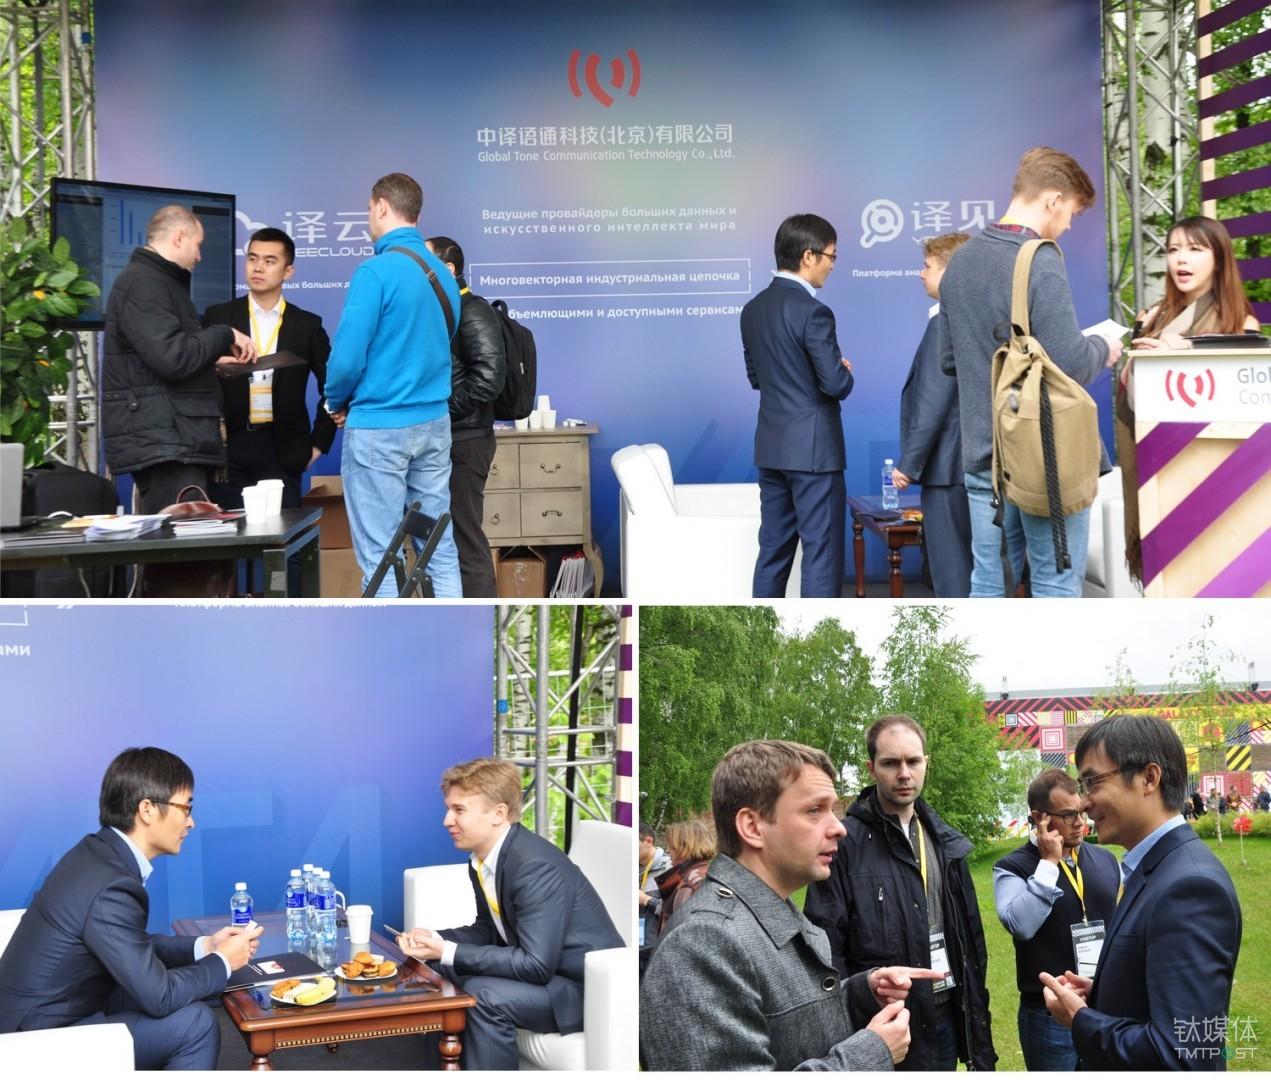 中译语通在俄罗斯 STARTUP VILLAGE 展览上